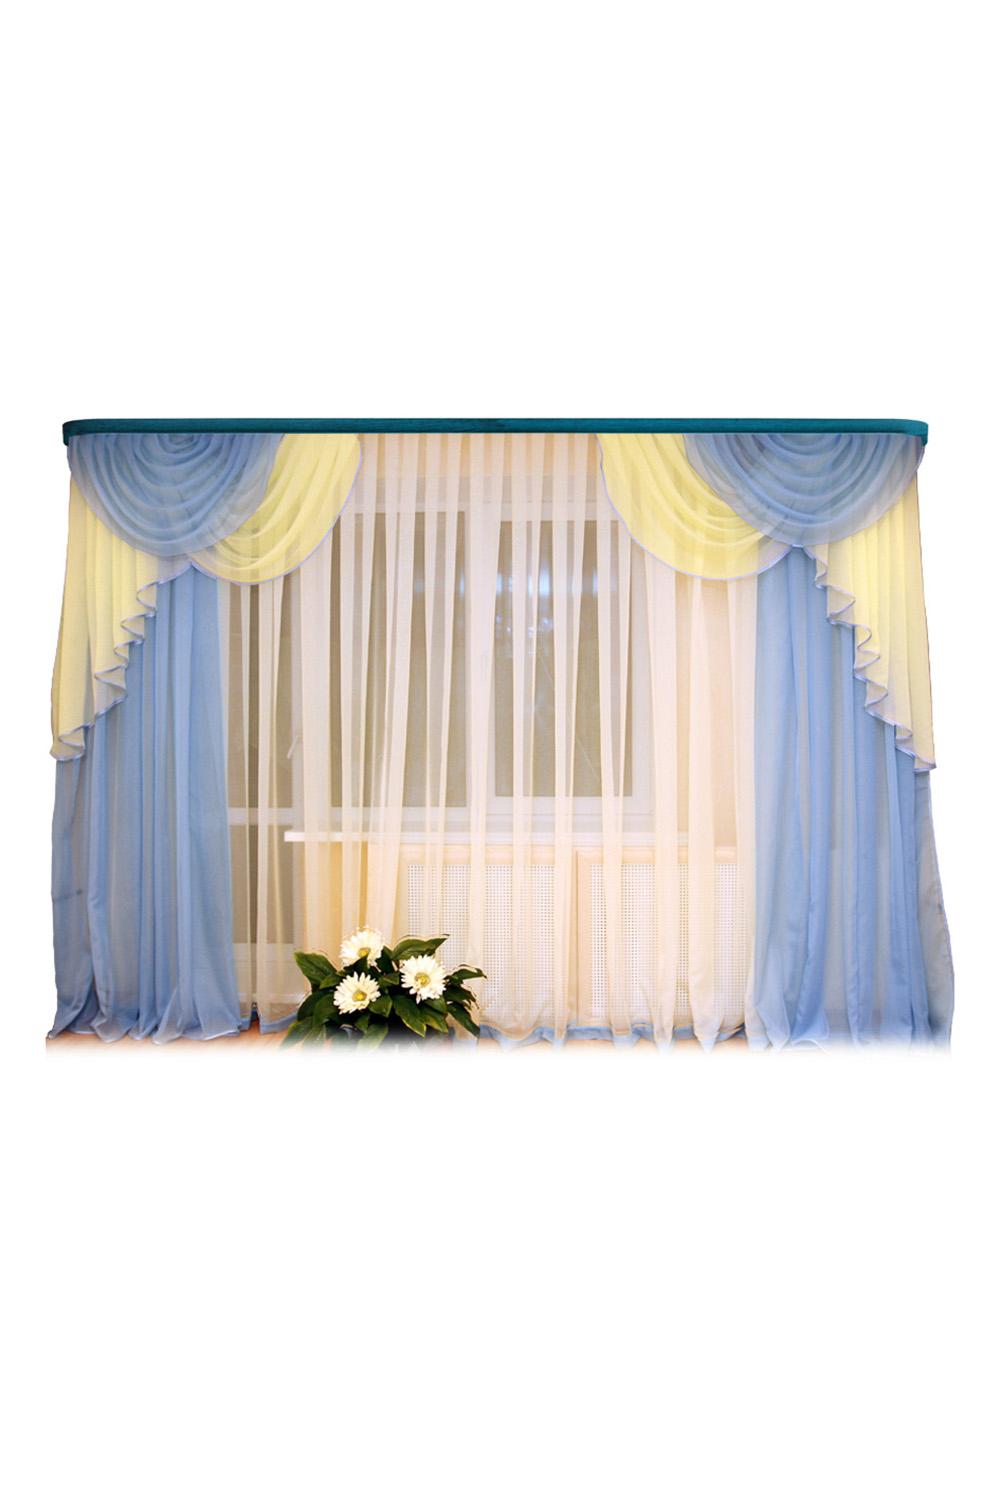 Шторы для комнатыДля комнаты<br>Шторы – это основной элемент интерьера, они всегда в центре внимания, несмотря на богатство мебели. При выборе штор самое первое и, пожалуй, главное – определится с подбором ткани, ее цветом и фактурой.   Шторы для гостинной изготавливаются из более плотных тканей, таких как жакард, тафта, велюр. Они могут дополнятся ламбрекеном со всевозможными декоративными элементами: стразами, бахромой, лентами.  Размер: 280*250 см., тюль 500*250 см., ламбрекен 2шт по 130*130 - регулируется на любую длину карниза.  В изделии использованы цвета: белый, голубой, желтый.<br><br>Карниз: Трехрядный<br>Материал: Тканевые<br>Рисунок: Однотонные<br>Стиль: Классические шторы,Раздвижные шторы<br>Способ крепления: С ламбрекеном<br>Размер: До пола<br>Сезон: Всесезон<br>Размер : 280*250<br>Материал: Тюль<br>Количество в наличии: 2